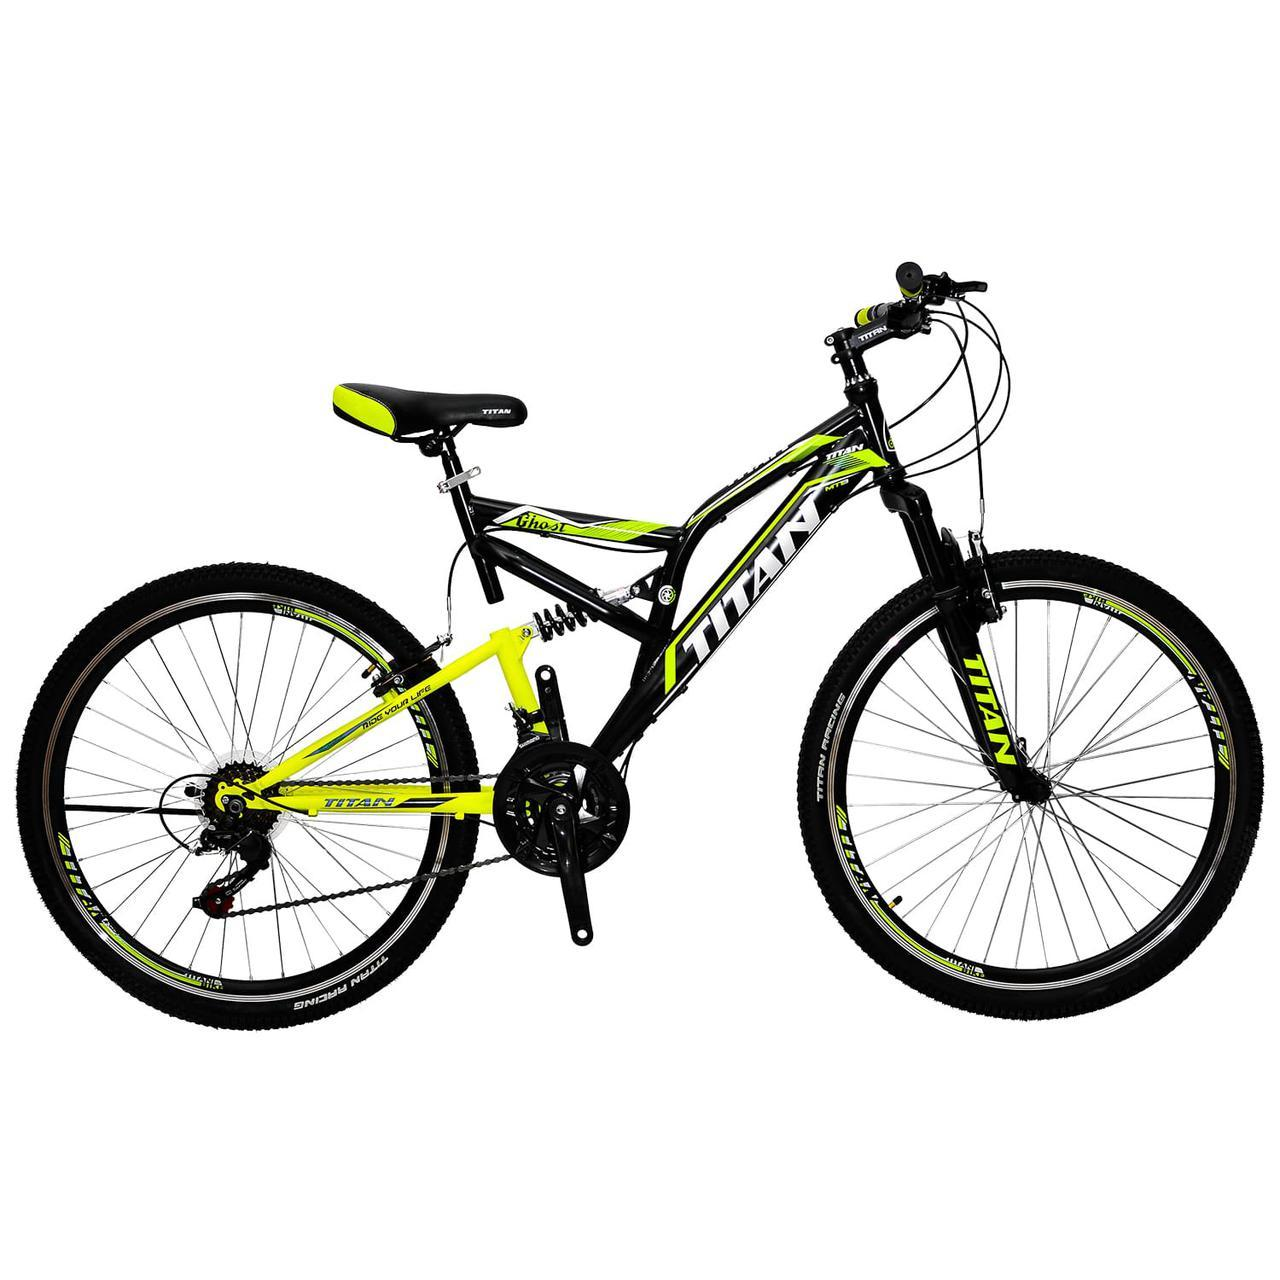 🚲Горный стальной велосипед двухподвесник Titan GHOST (Shimano, моноблок); рама 18; колеса 26